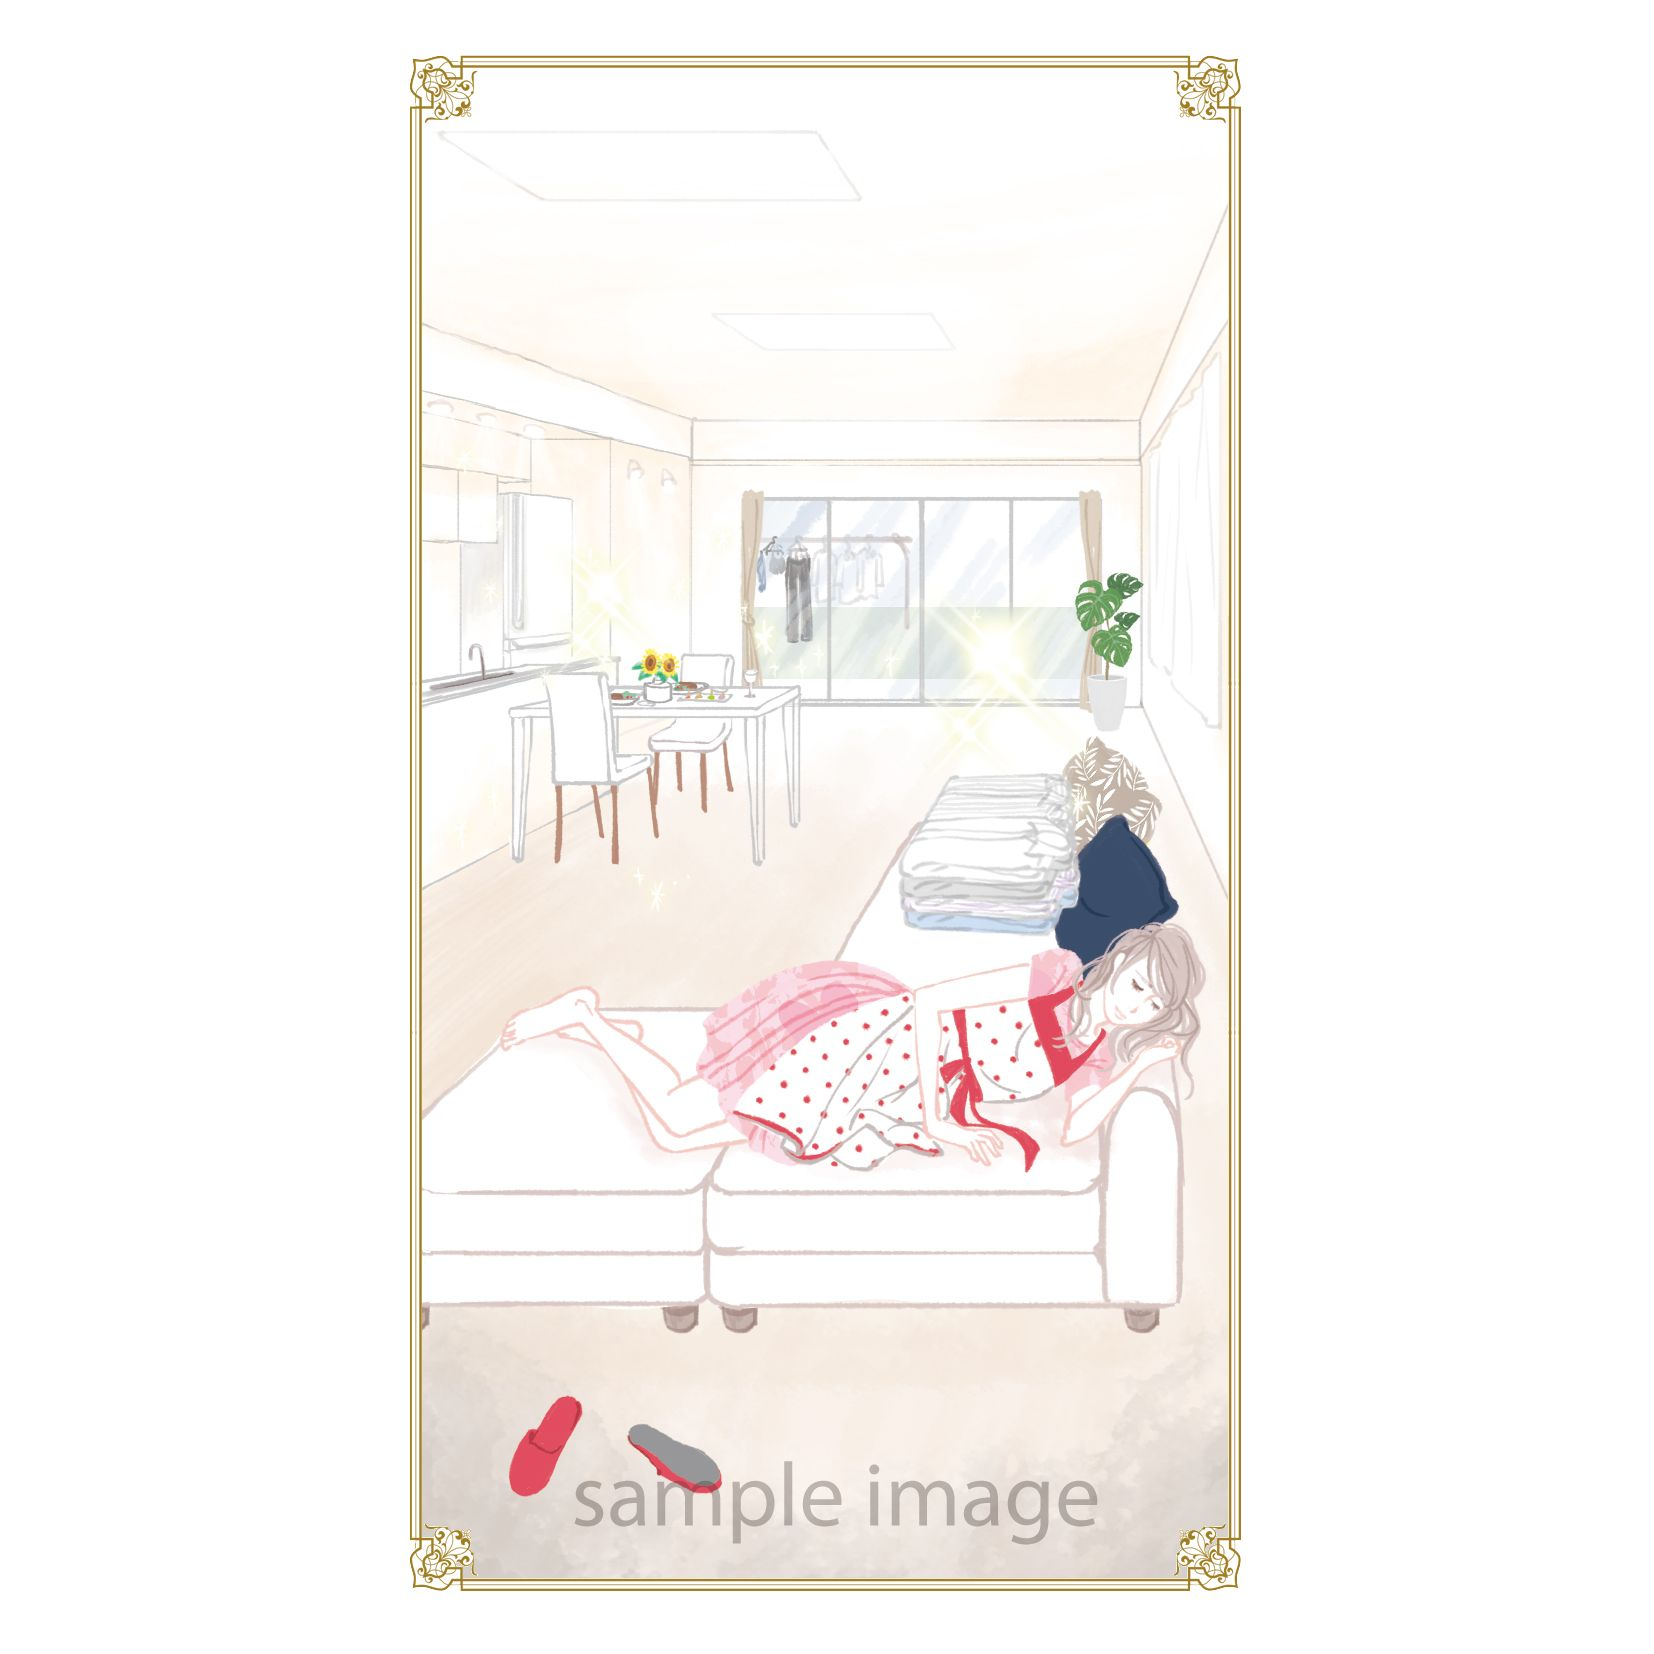 オリジナル占いカード Illustration Image